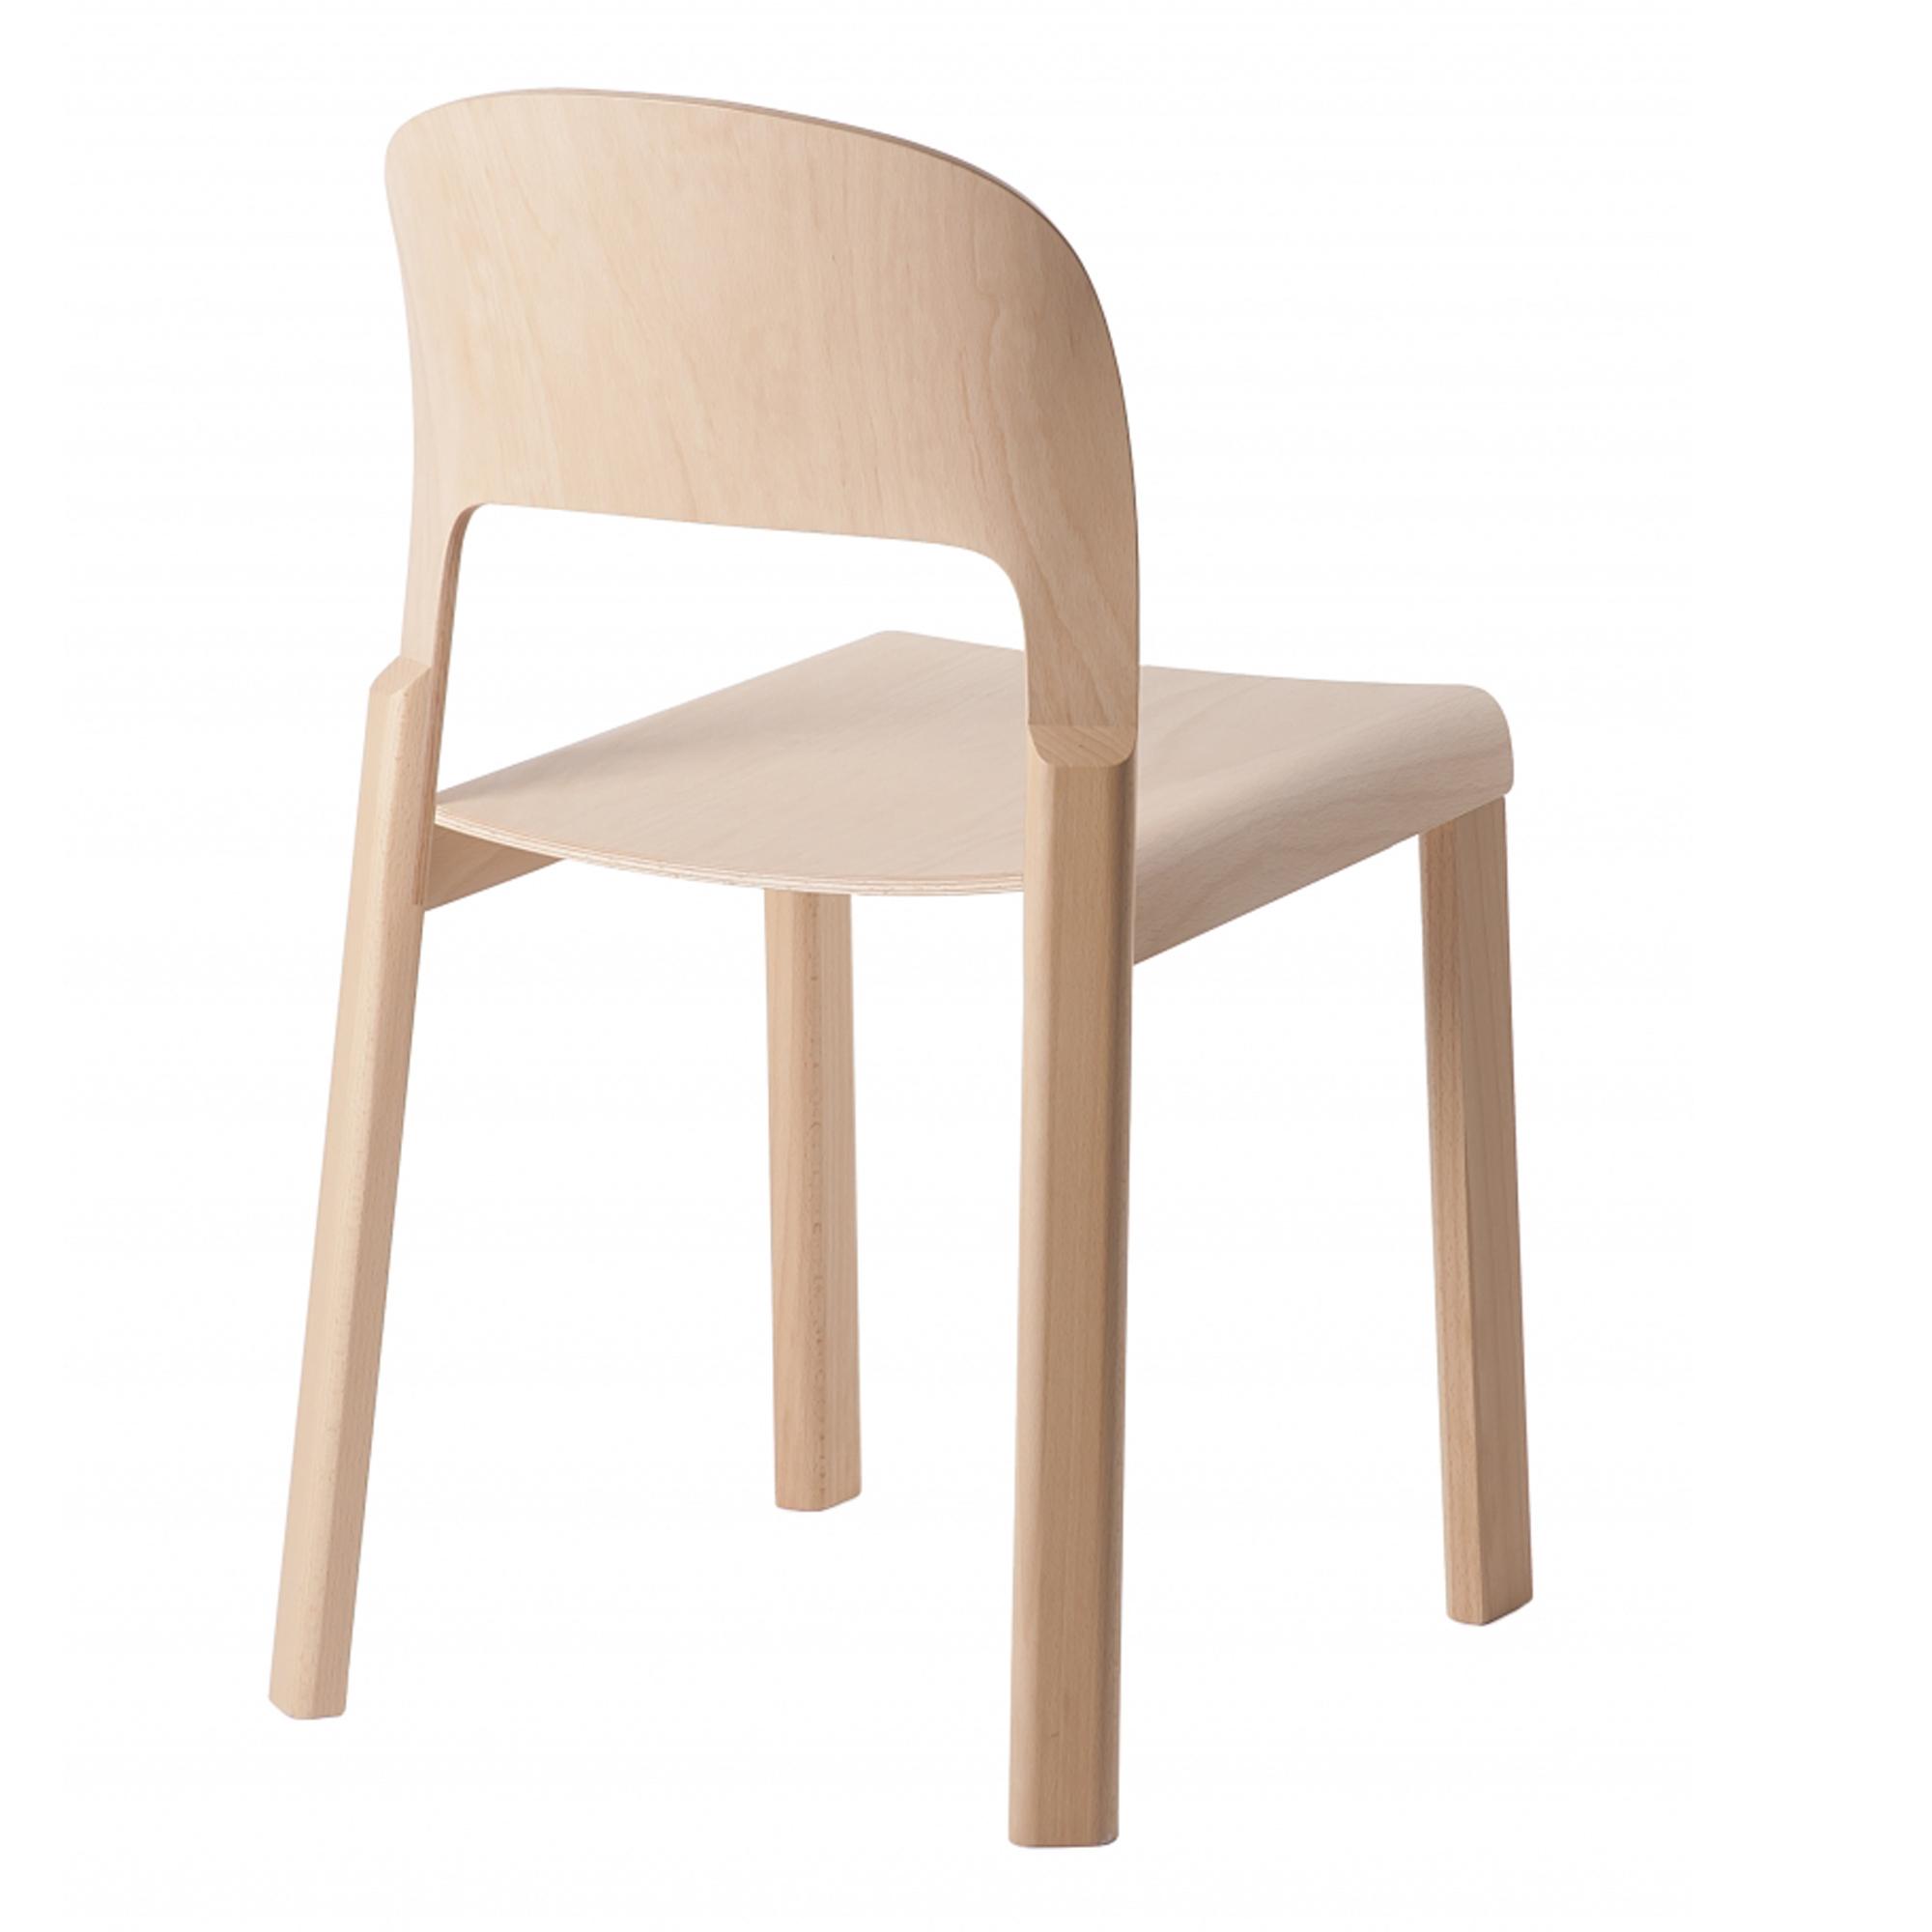 Juppa Chair by Jörg Boner for Atelier Pfister